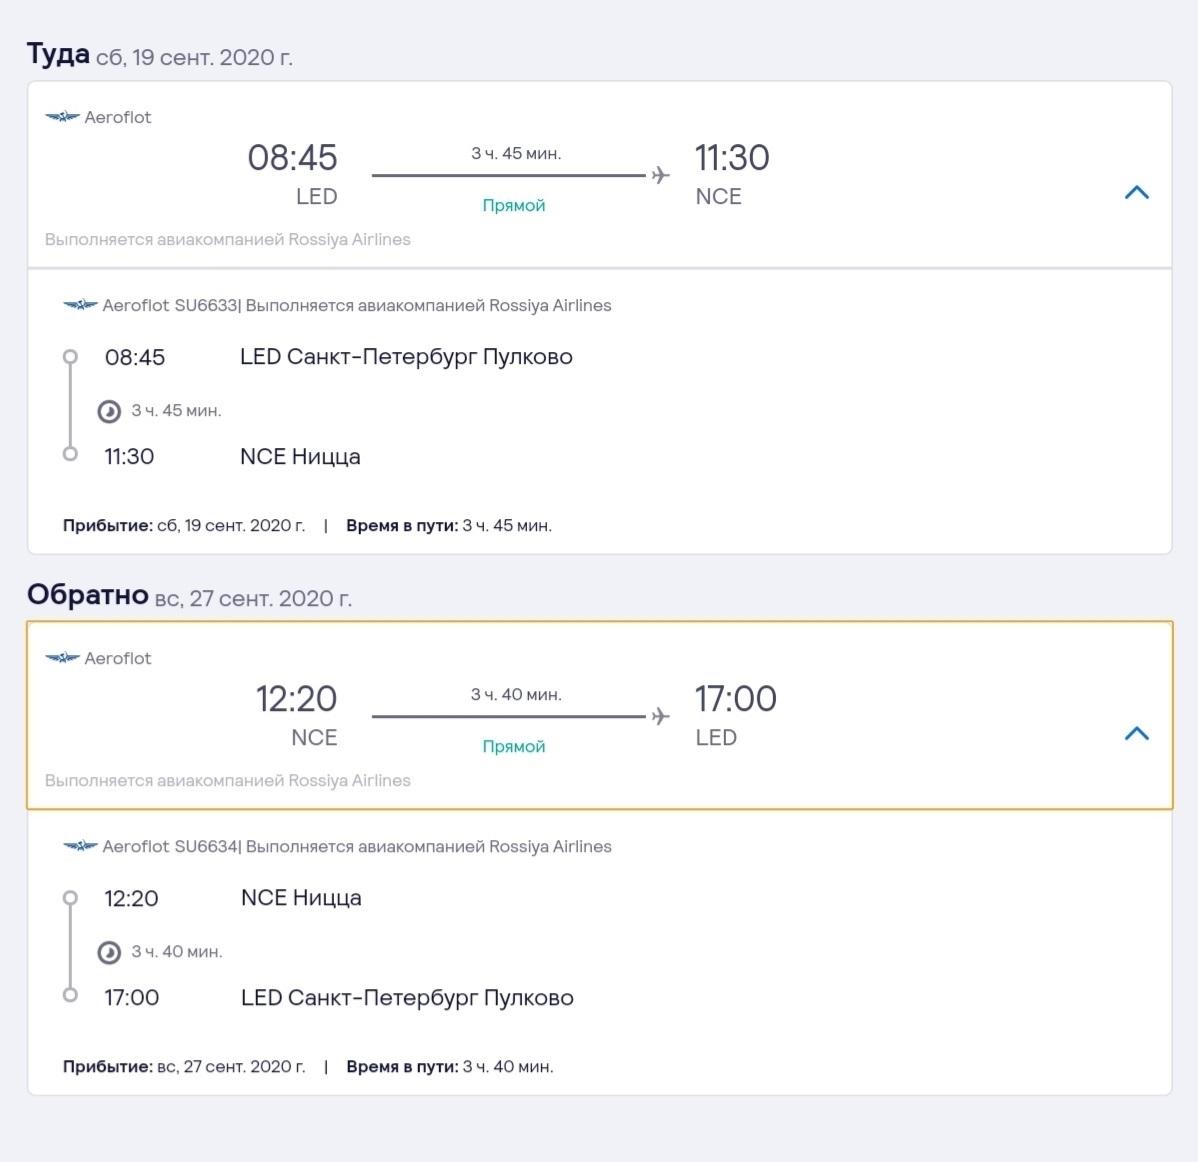 Наш рейс — самый быстрый вариант прилететь в Ниццу из Санкт-Петербурга